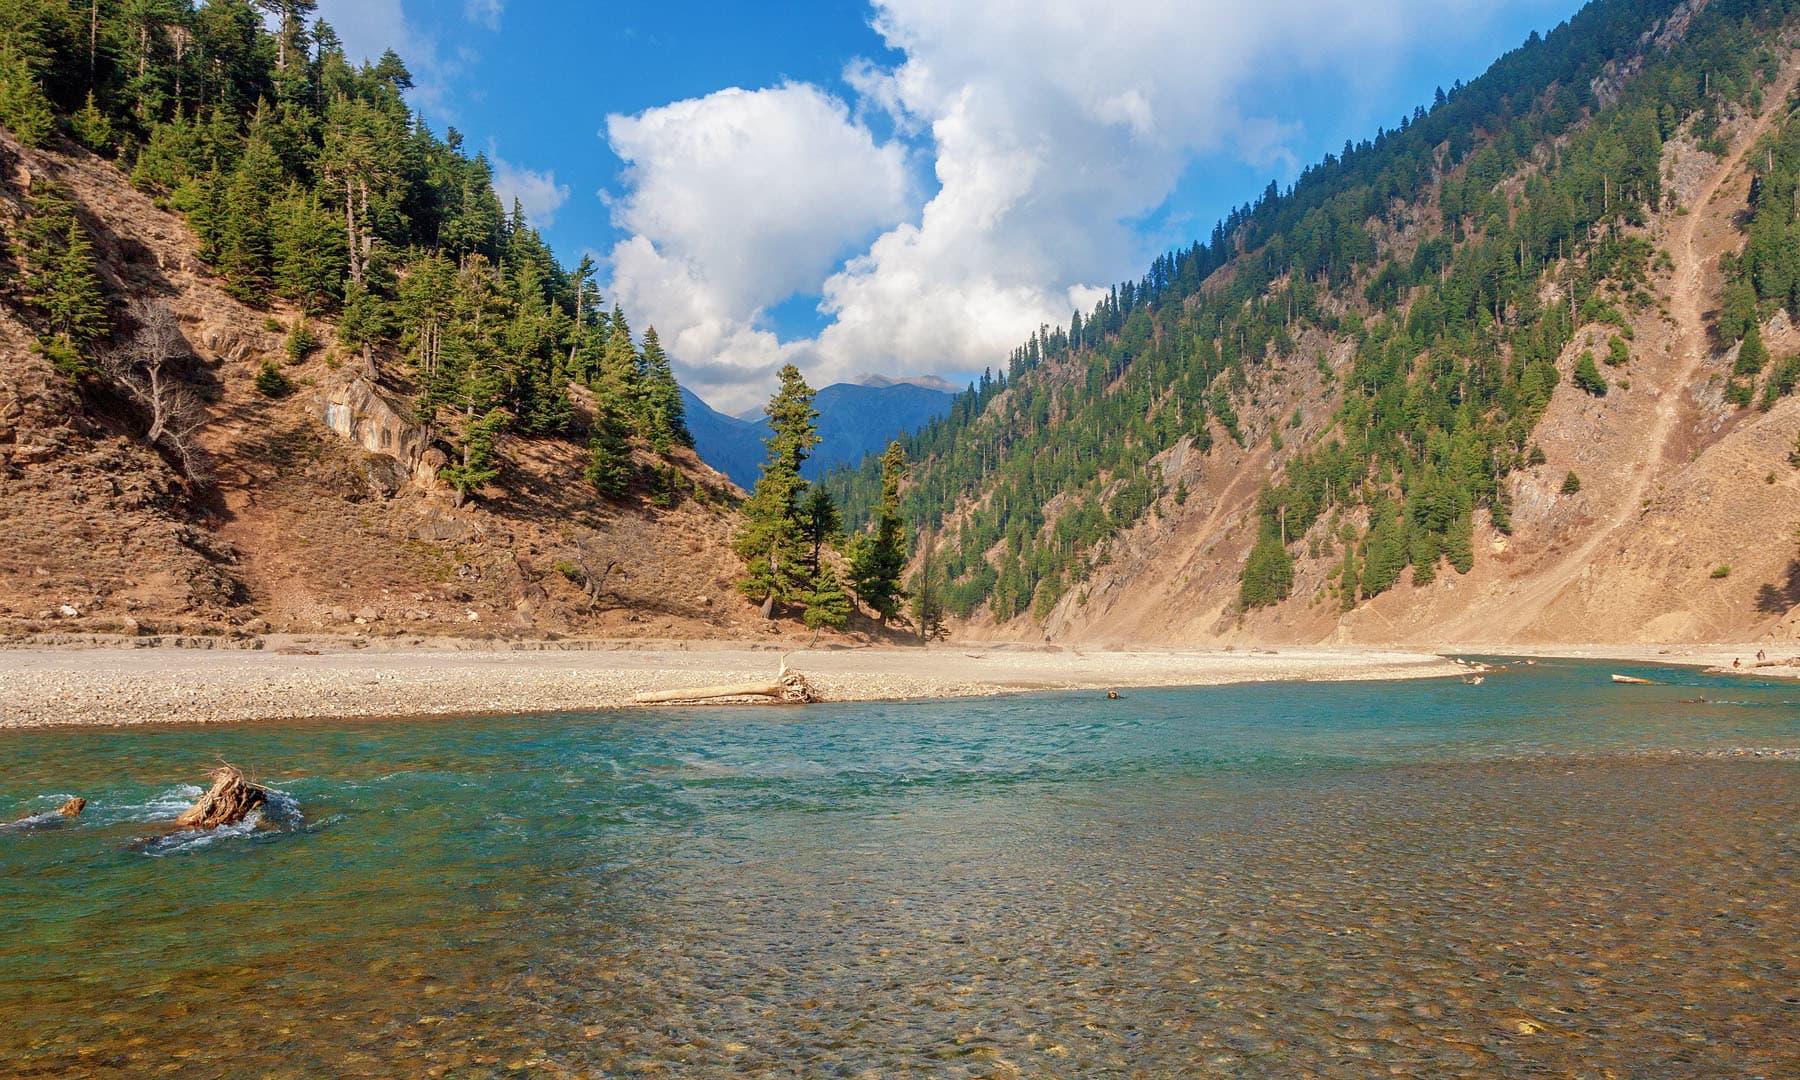 دریائے کنہار.— فوٹو سید مہدی بخاری